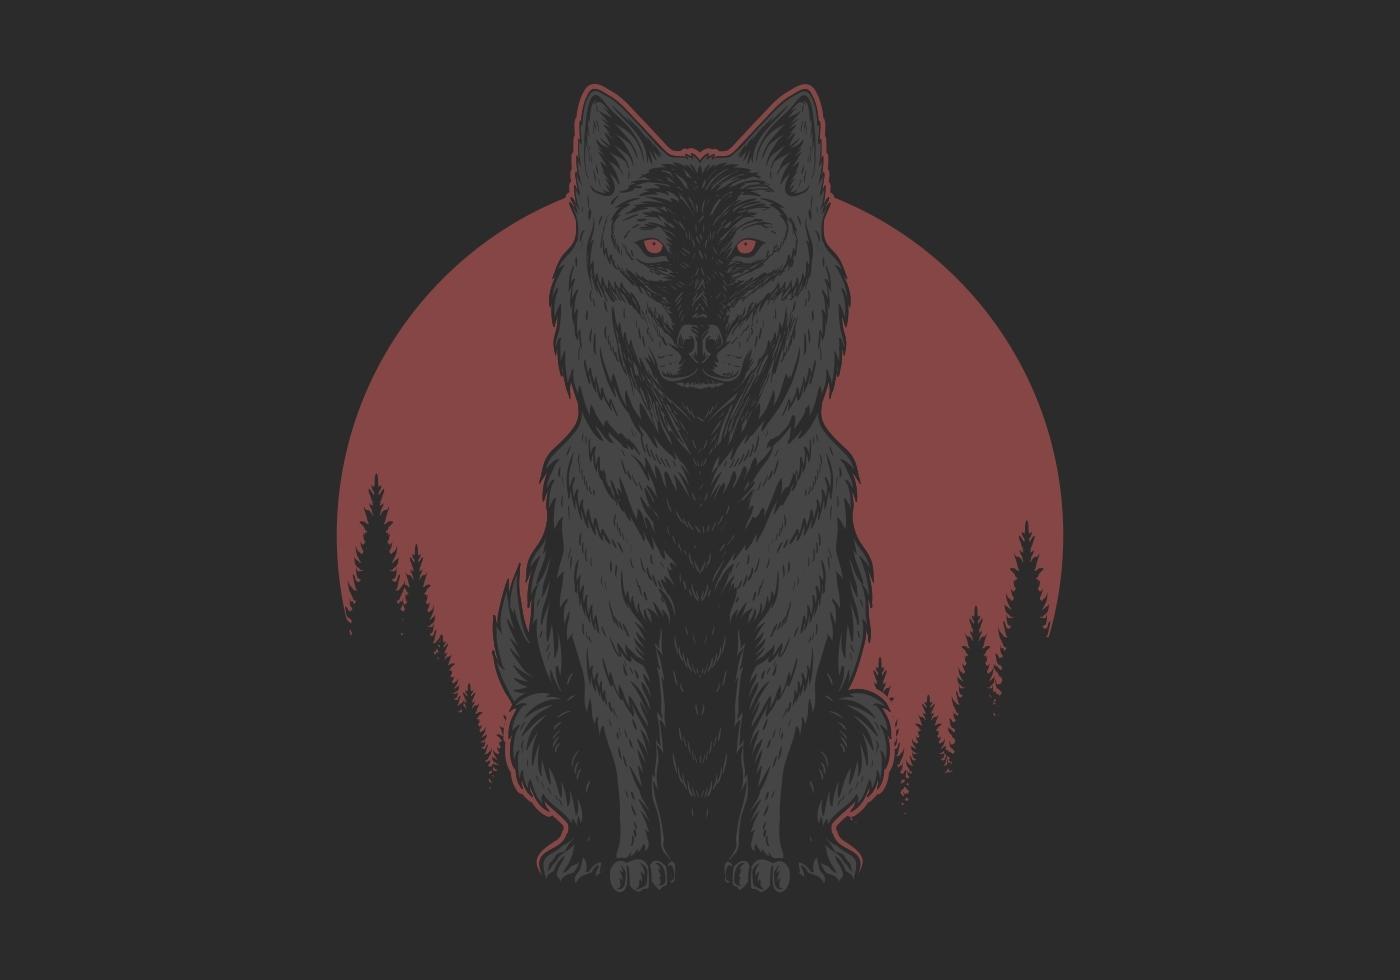 rode maan wolf illustratie vector